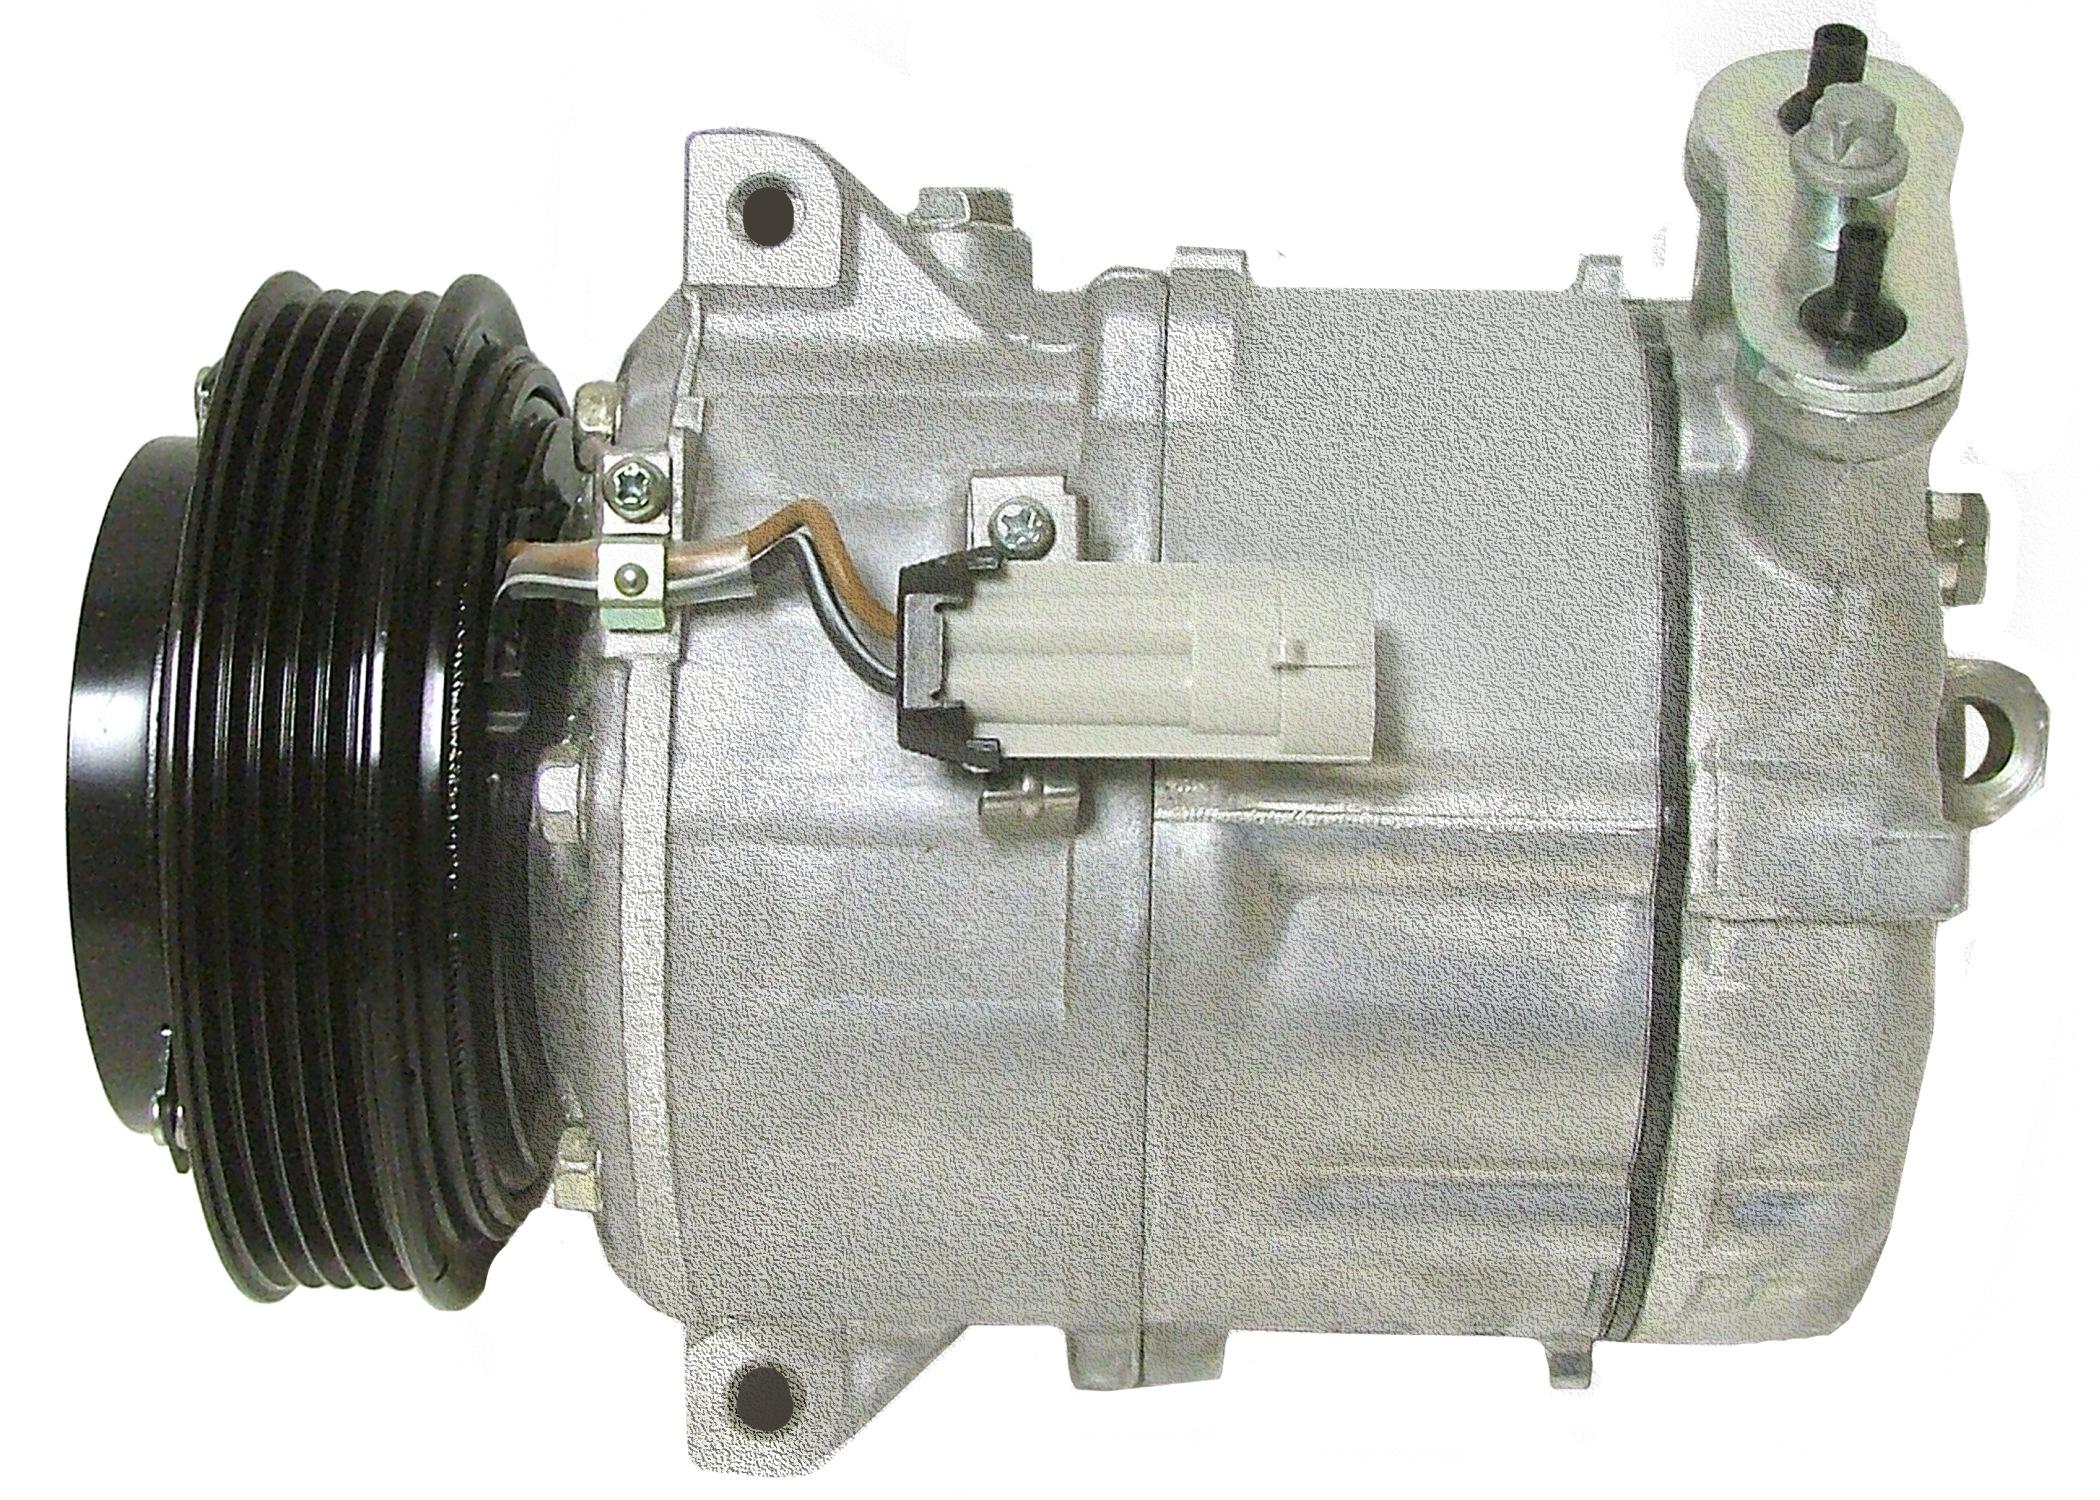 ACDELCO GM ORIGINAL EQUIPMENT - A/C Compressor - DCB 15-21505